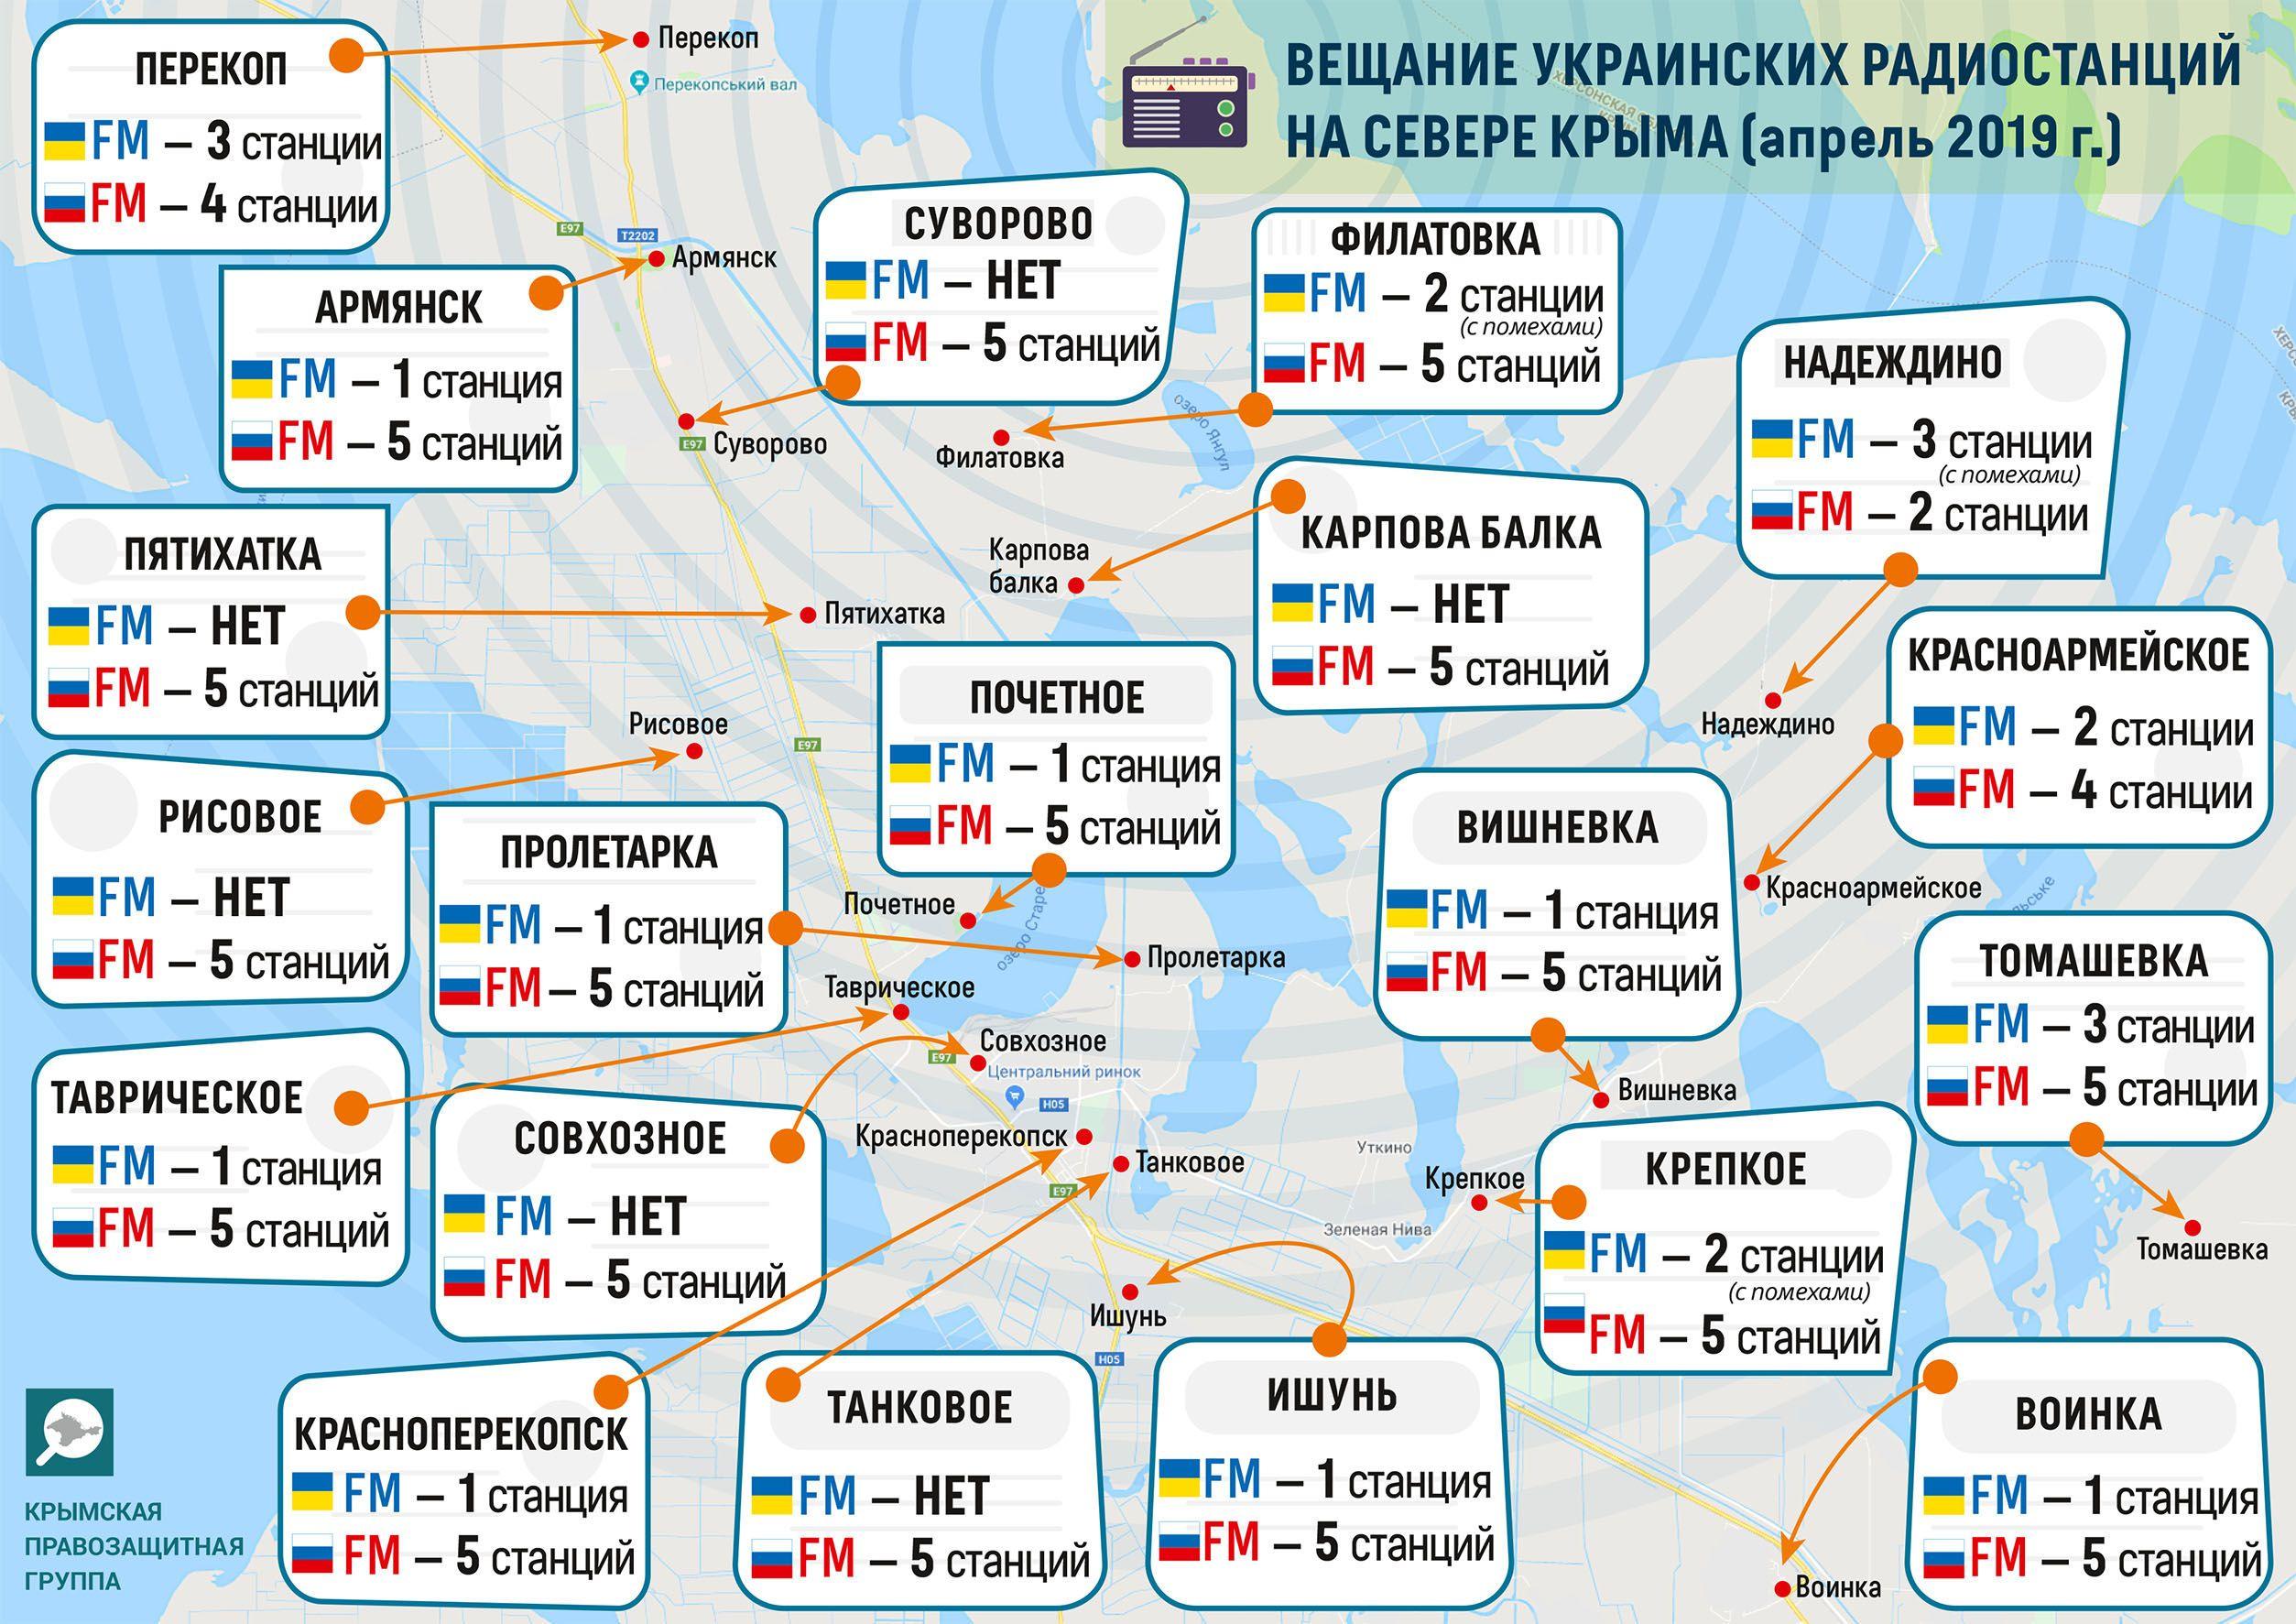 радіостанції в Криму